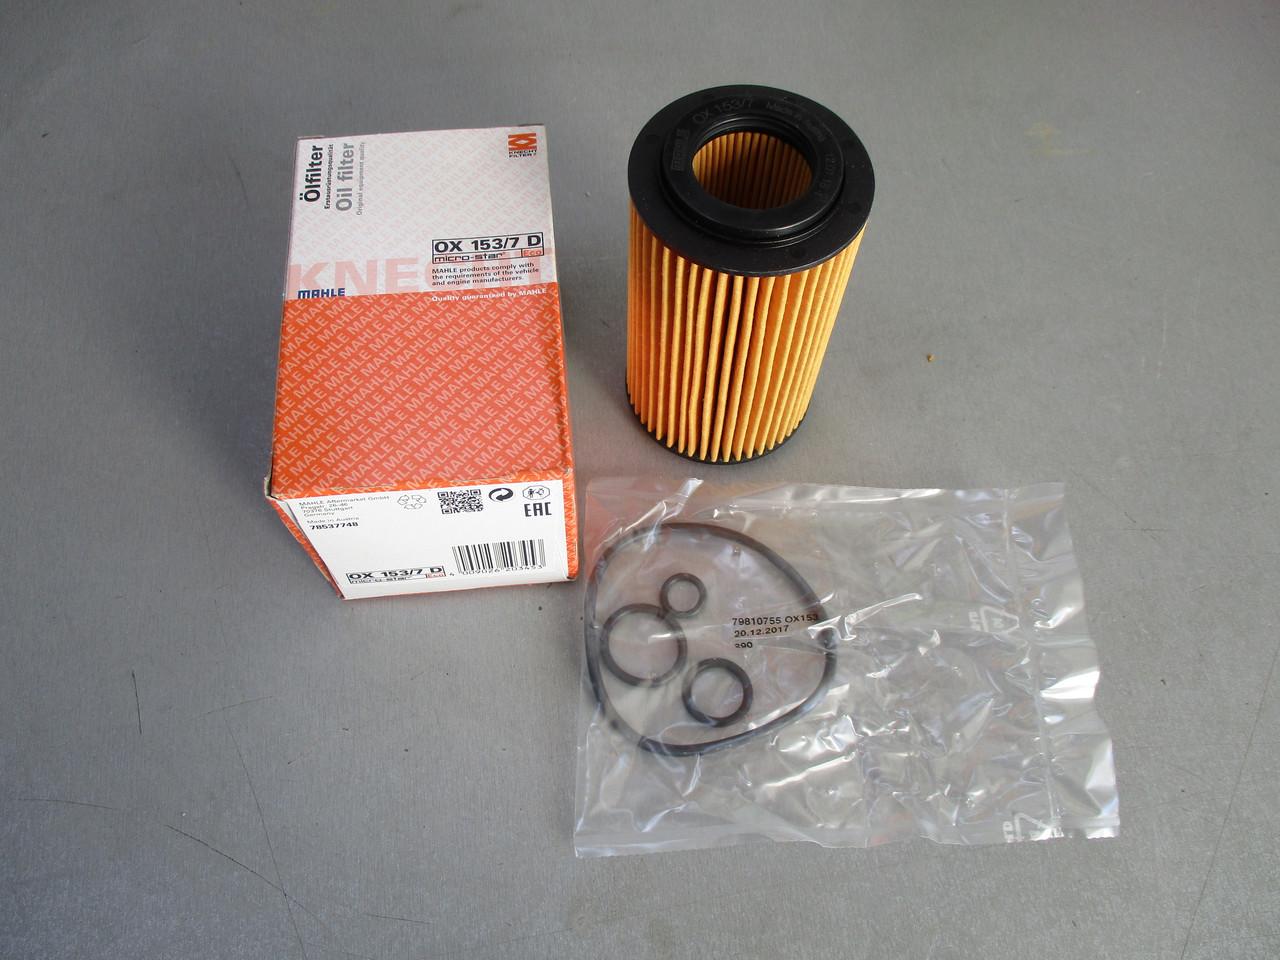 Фильтр масляный OE640/5 MAHLE OX153/7 D1 MERCEDES SPRINTER CDI 2000->